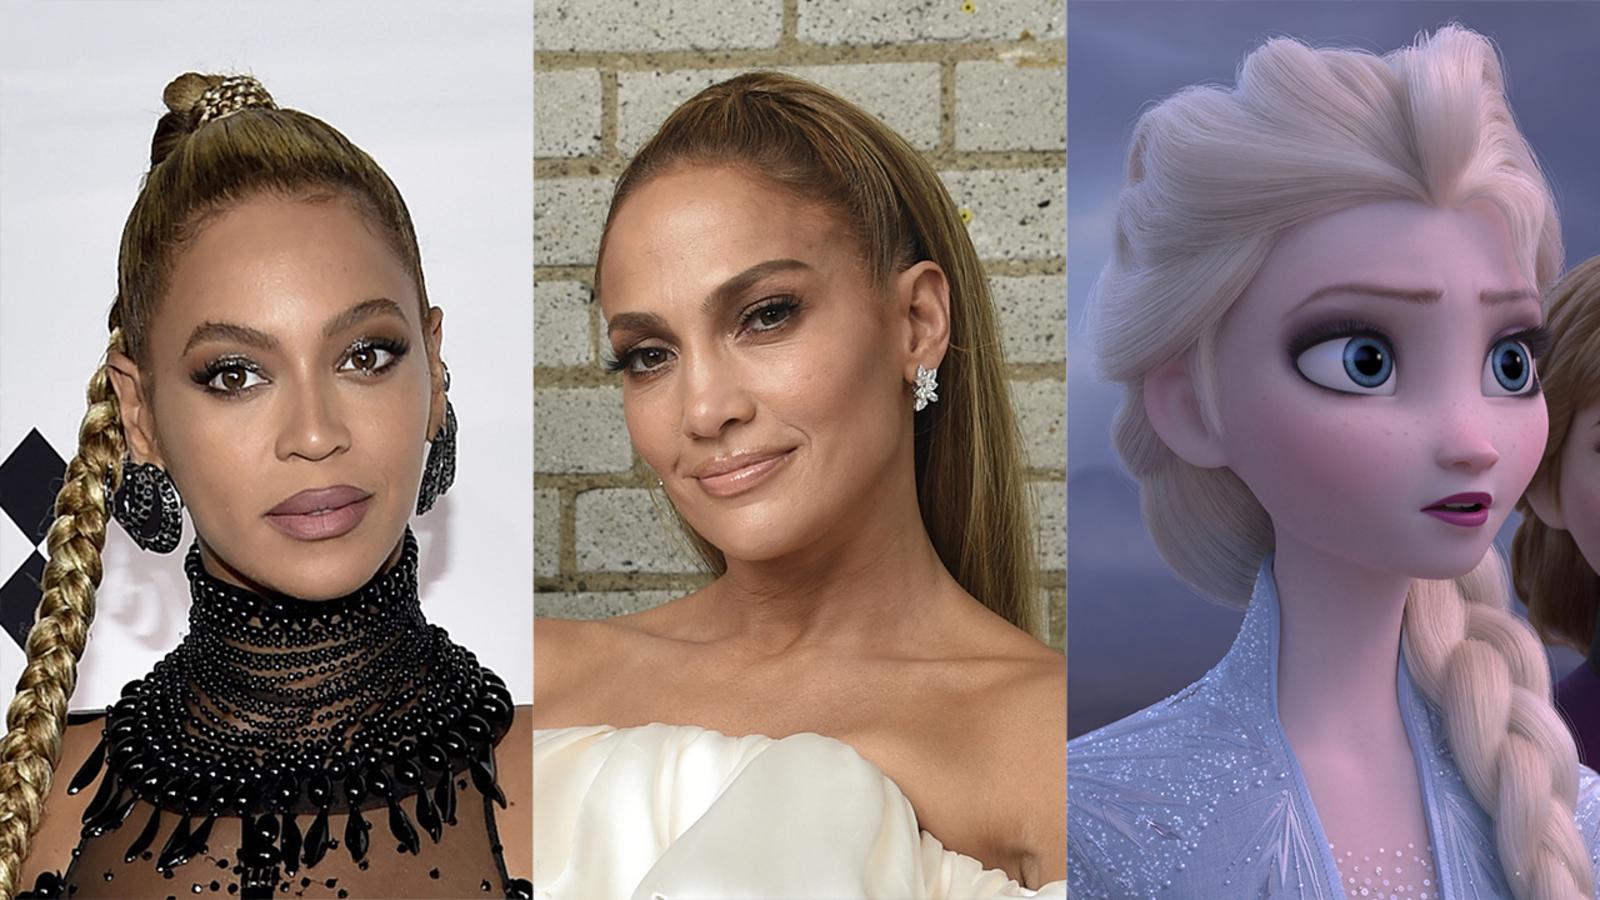 Oscar nomination 2020 surprises No Beyonc JLo Frozen 2 1600x900